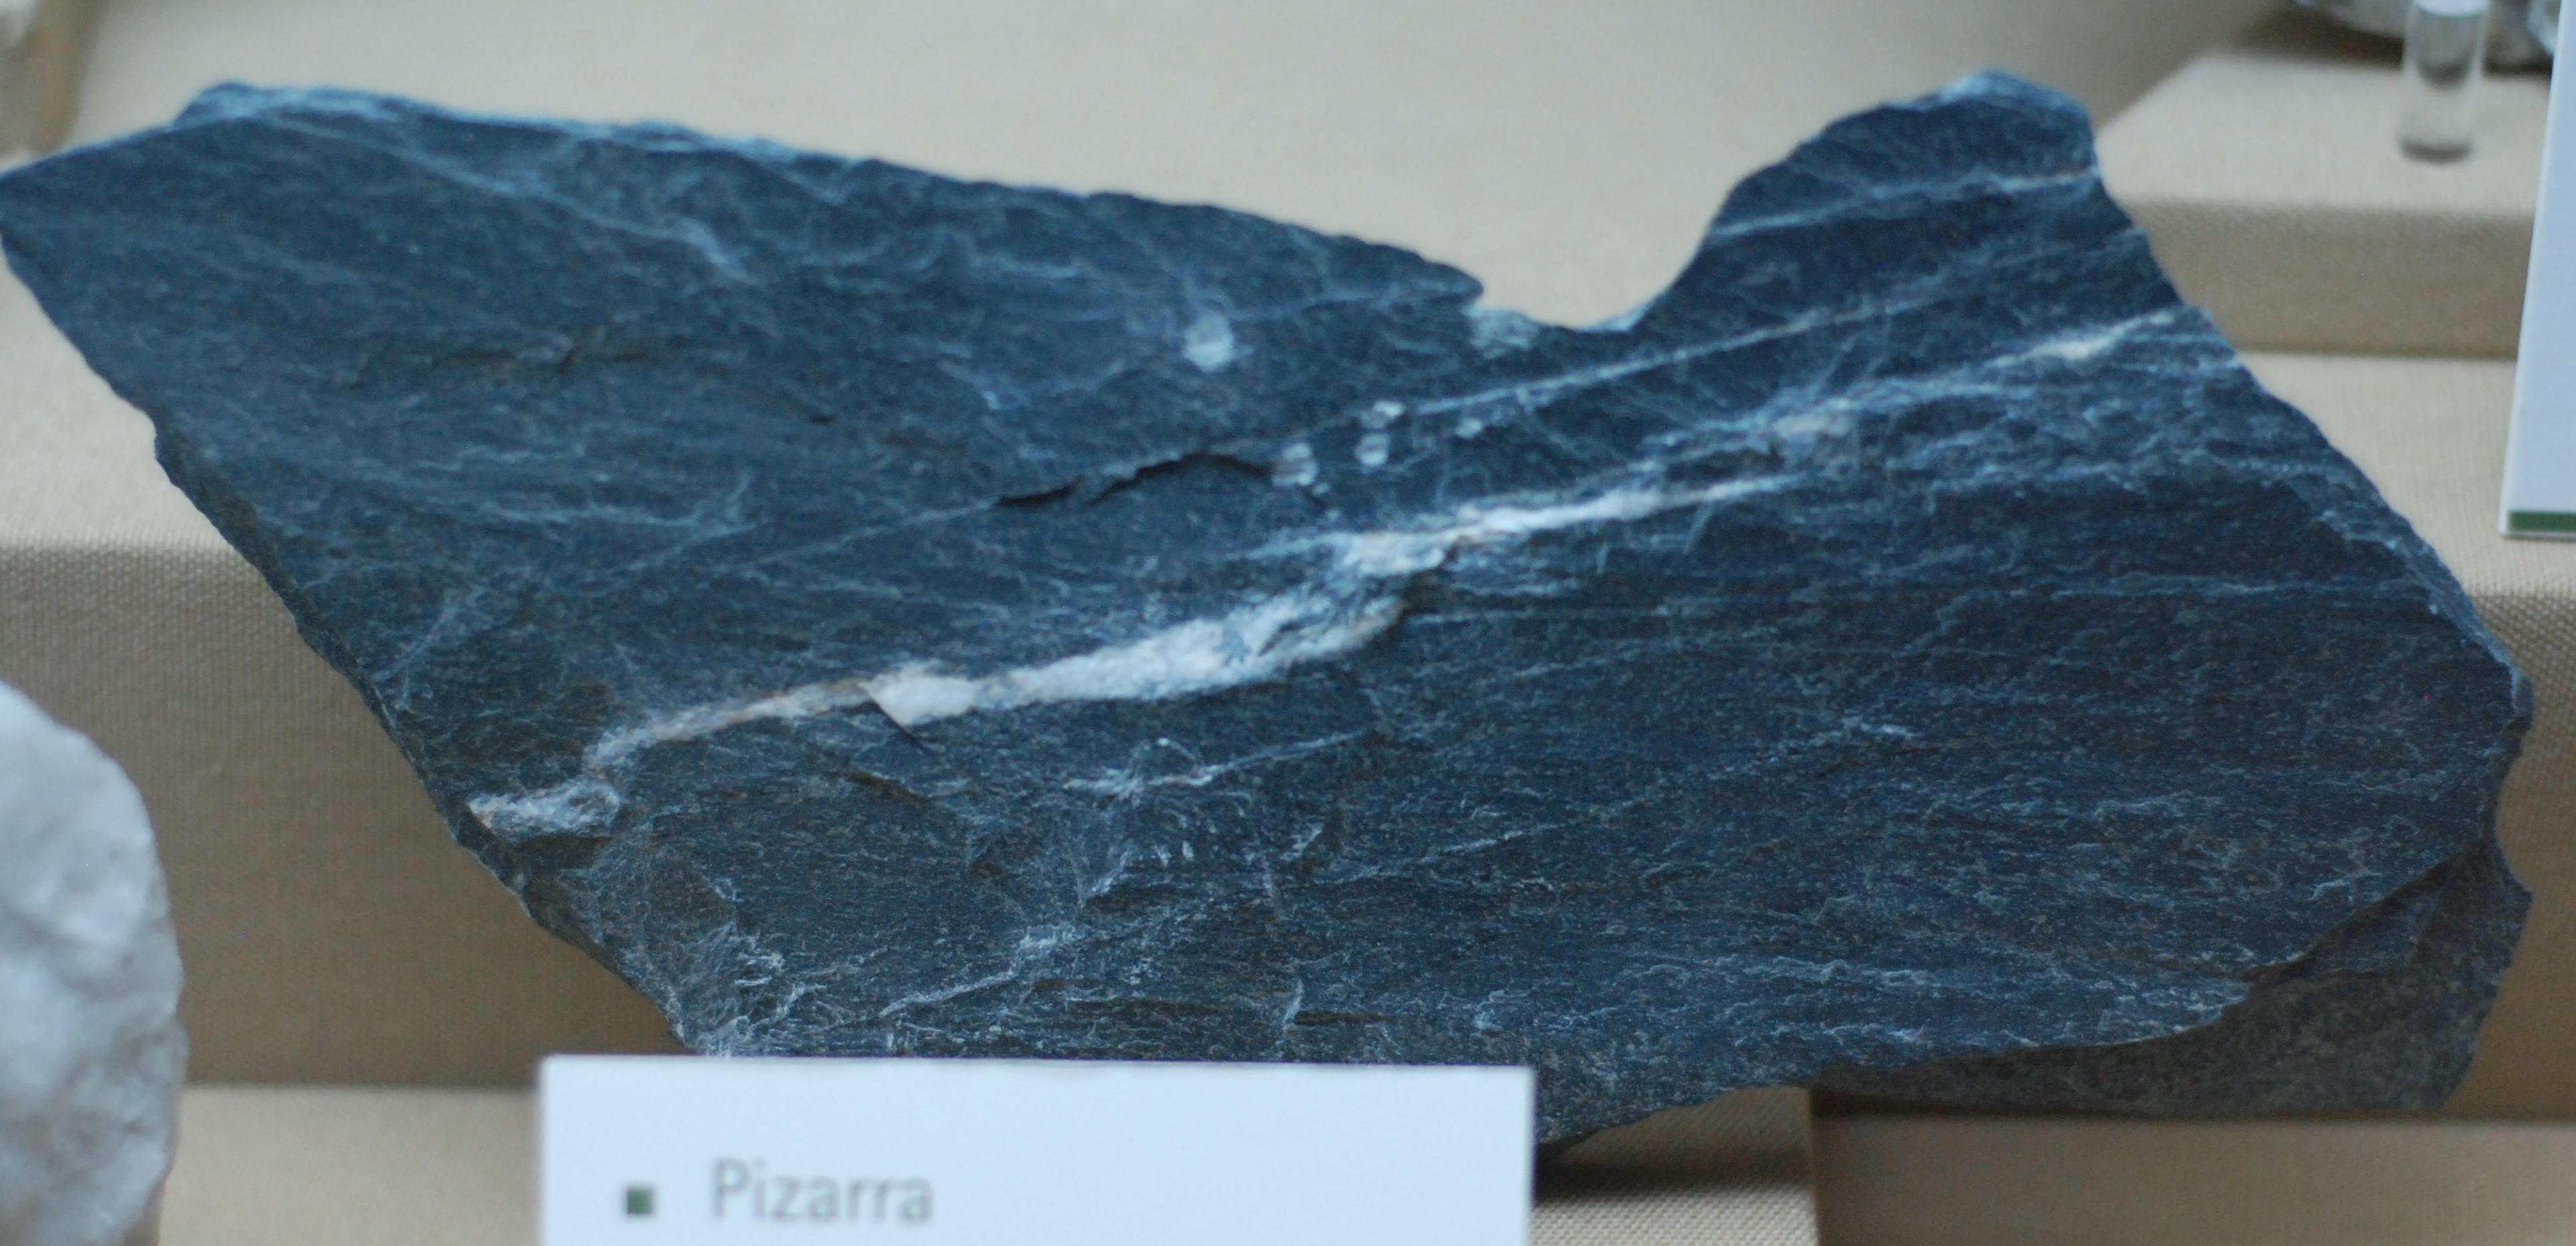 Tipos de rocas mayo 2013 for Pizarra roca